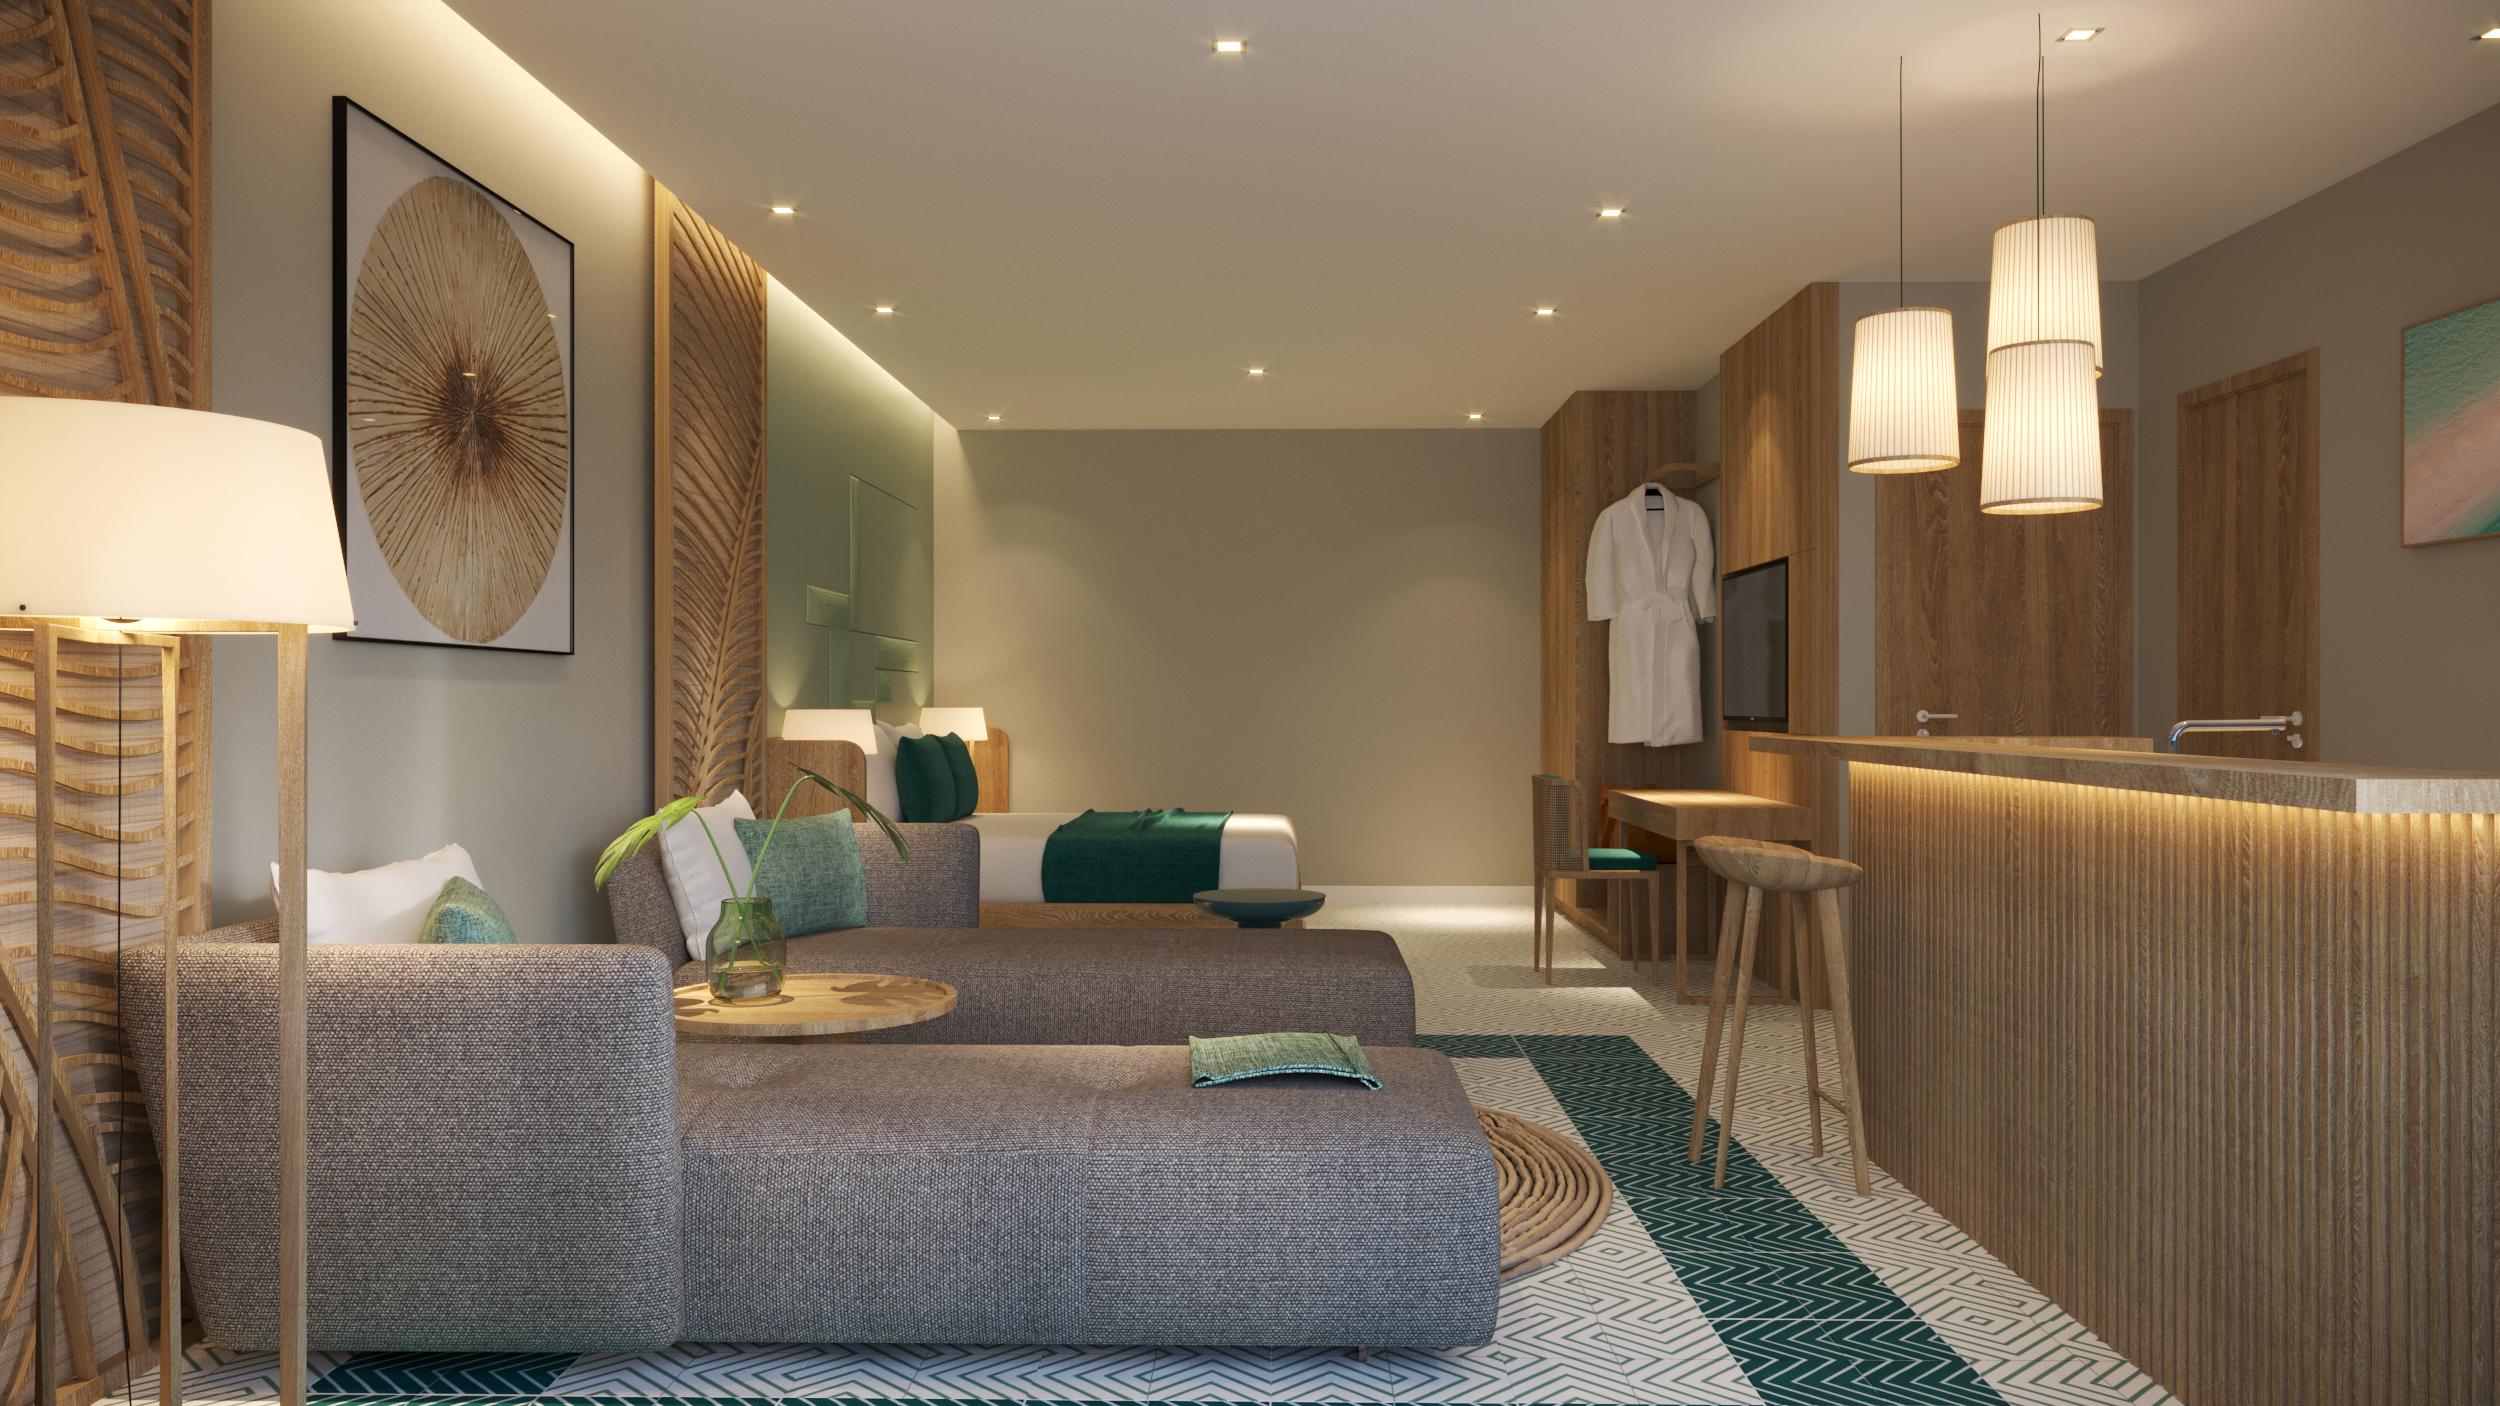 Thiết kế nội thất Khách Sạn tại Đà Nẵng CASAMIA AP2 HOI AN 1587708633 6